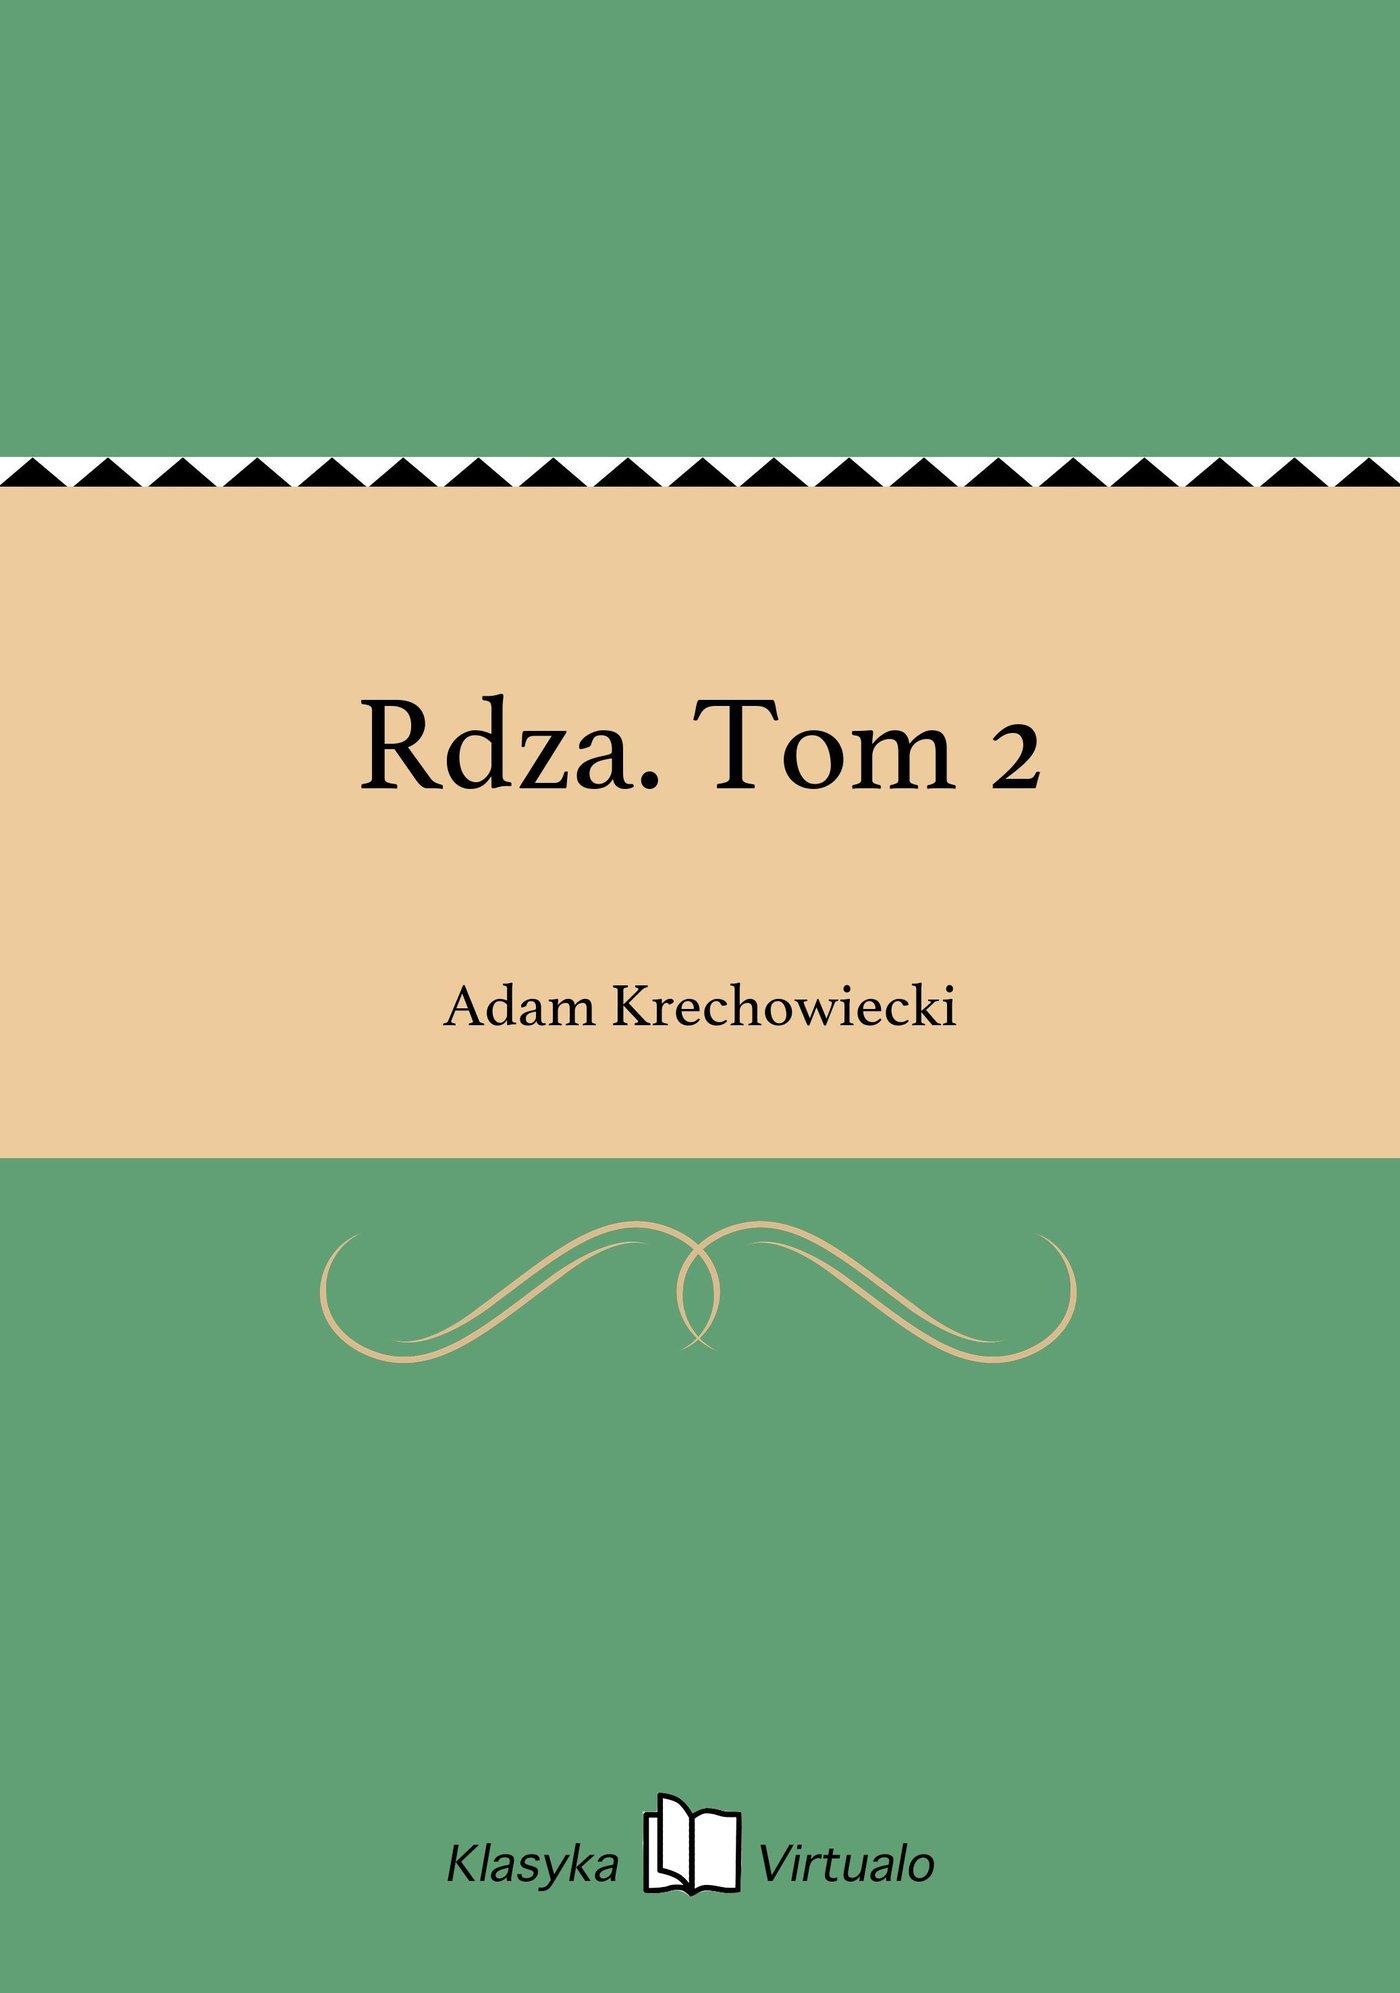 Rdza. Tom 2 - Ebook (Książka EPUB) do pobrania w formacie EPUB